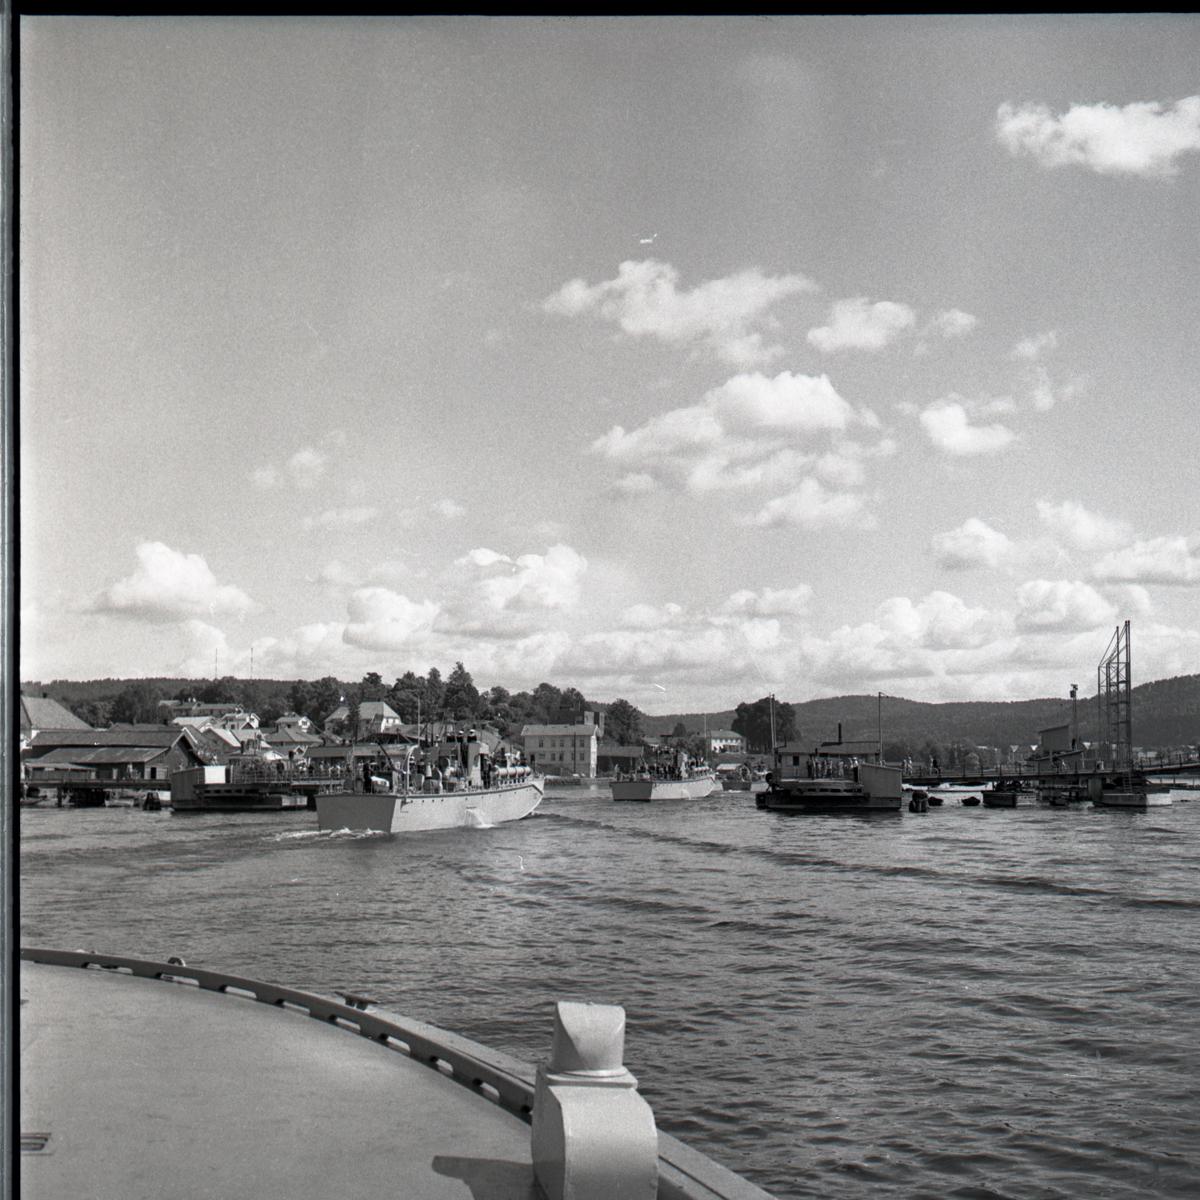 Samlefoto: Elco-klasse MTB-er gjennom Bandak-kanalen i juli 1953. Havneområde.